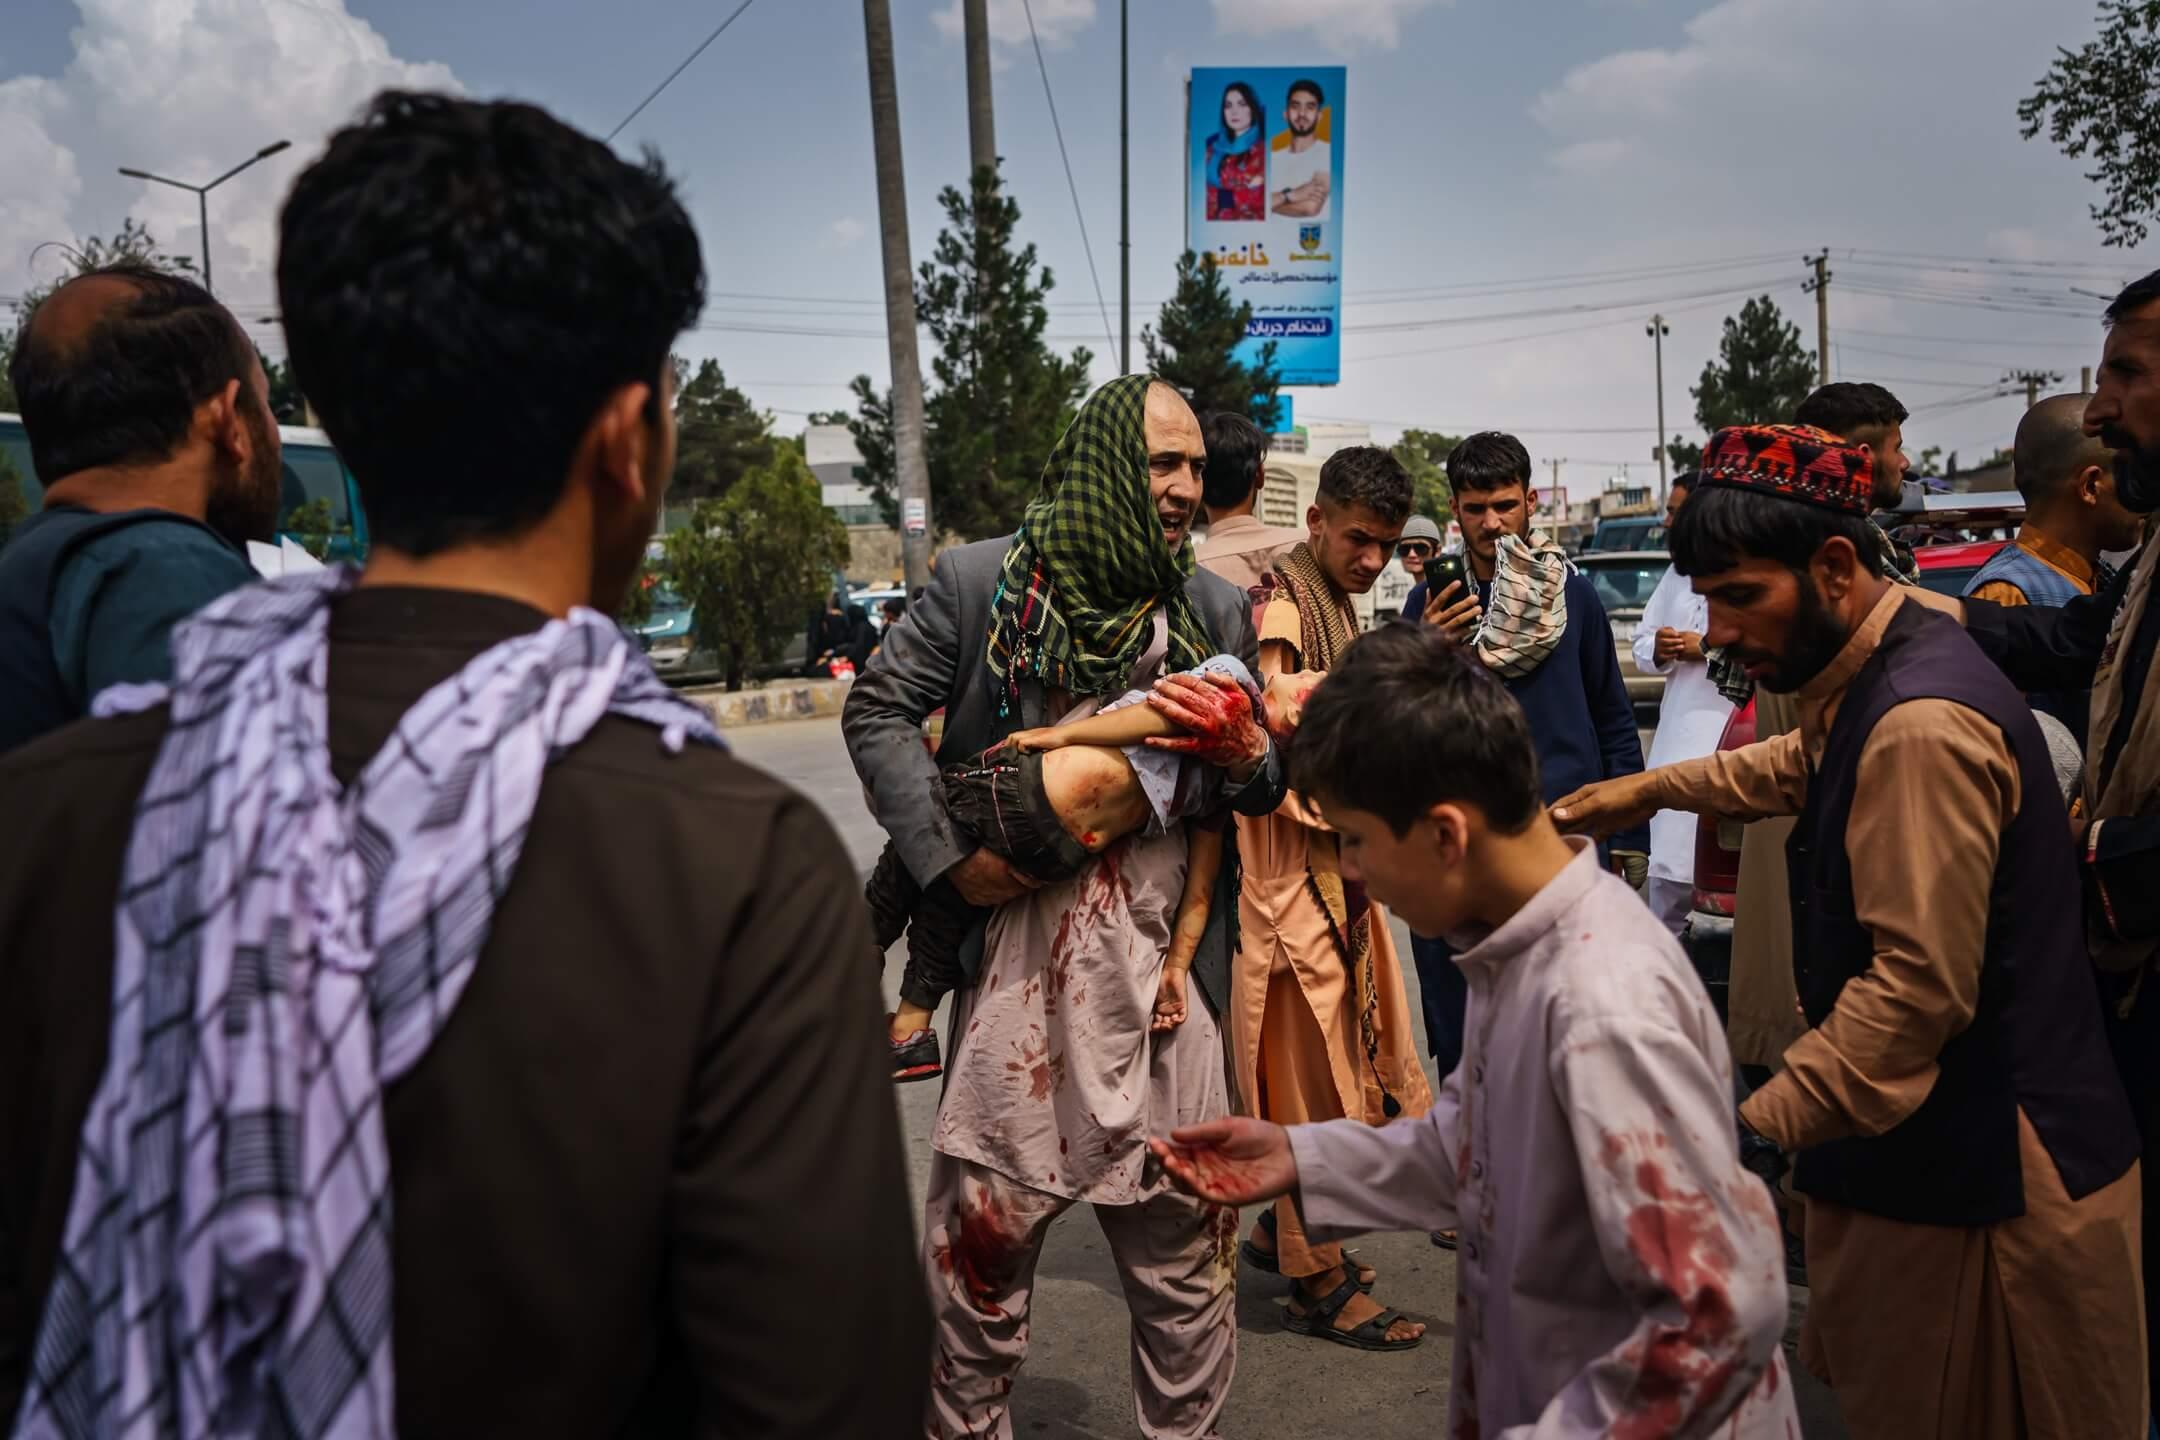 2021年8月17日,阿富汗首都喀布爾,塔利班武裝分子用武力及槍械控制前往機場的市民,多人受傷,有小孩被打至頭破血流。 攝:Marcus Yam/Los Angeles Times/Getty Images